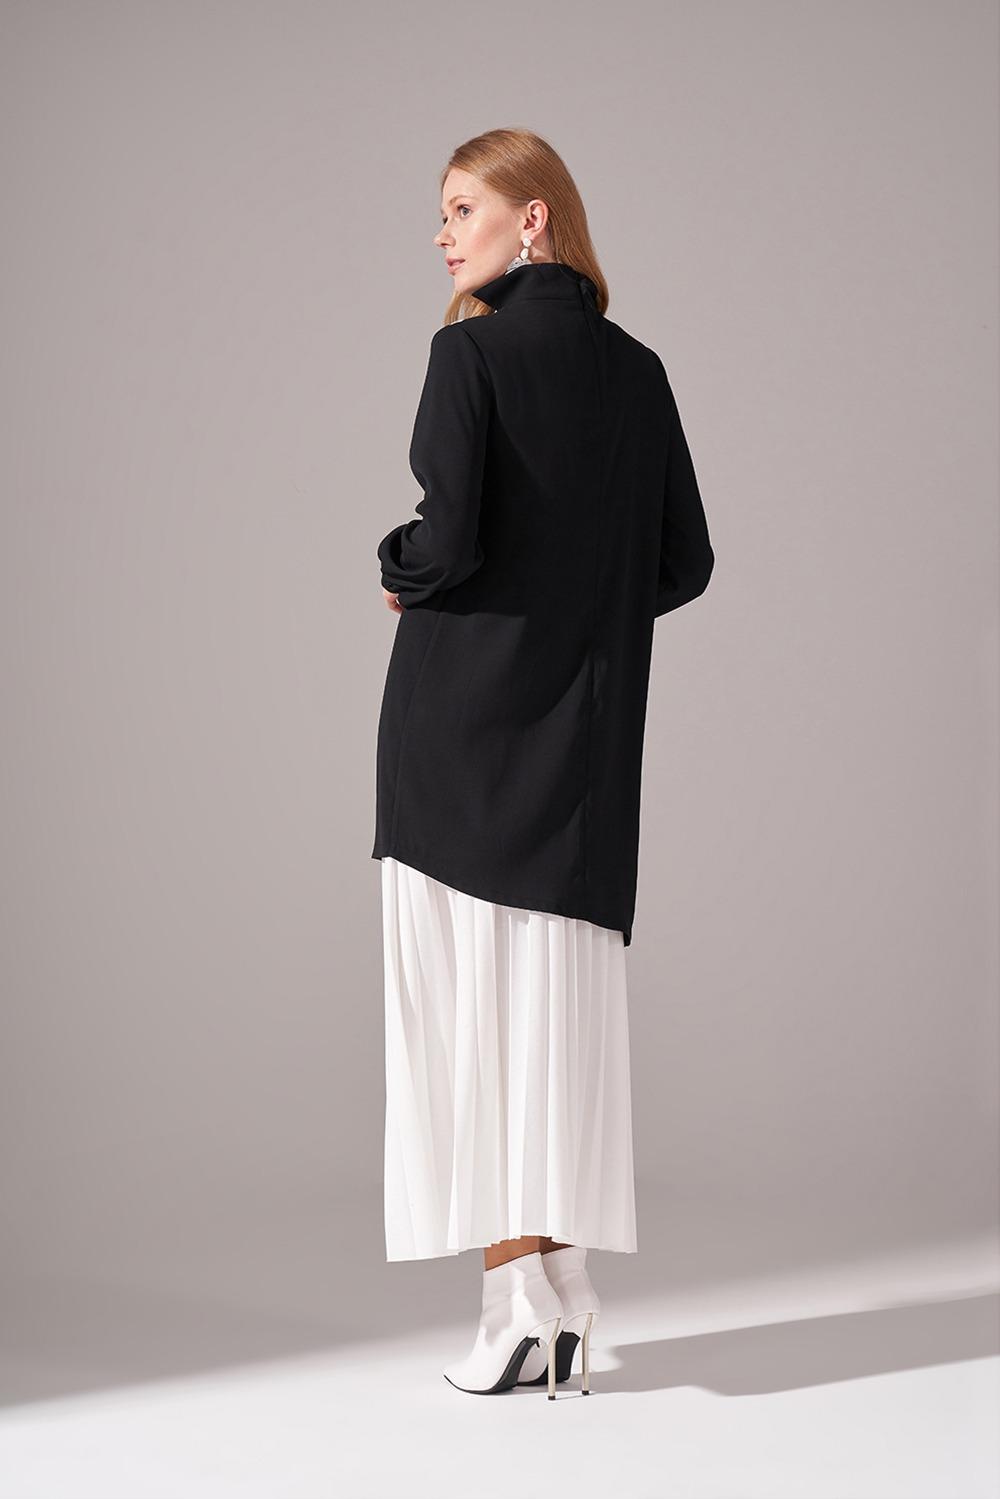 Şerit Parçalı Krep Siyah Tunik